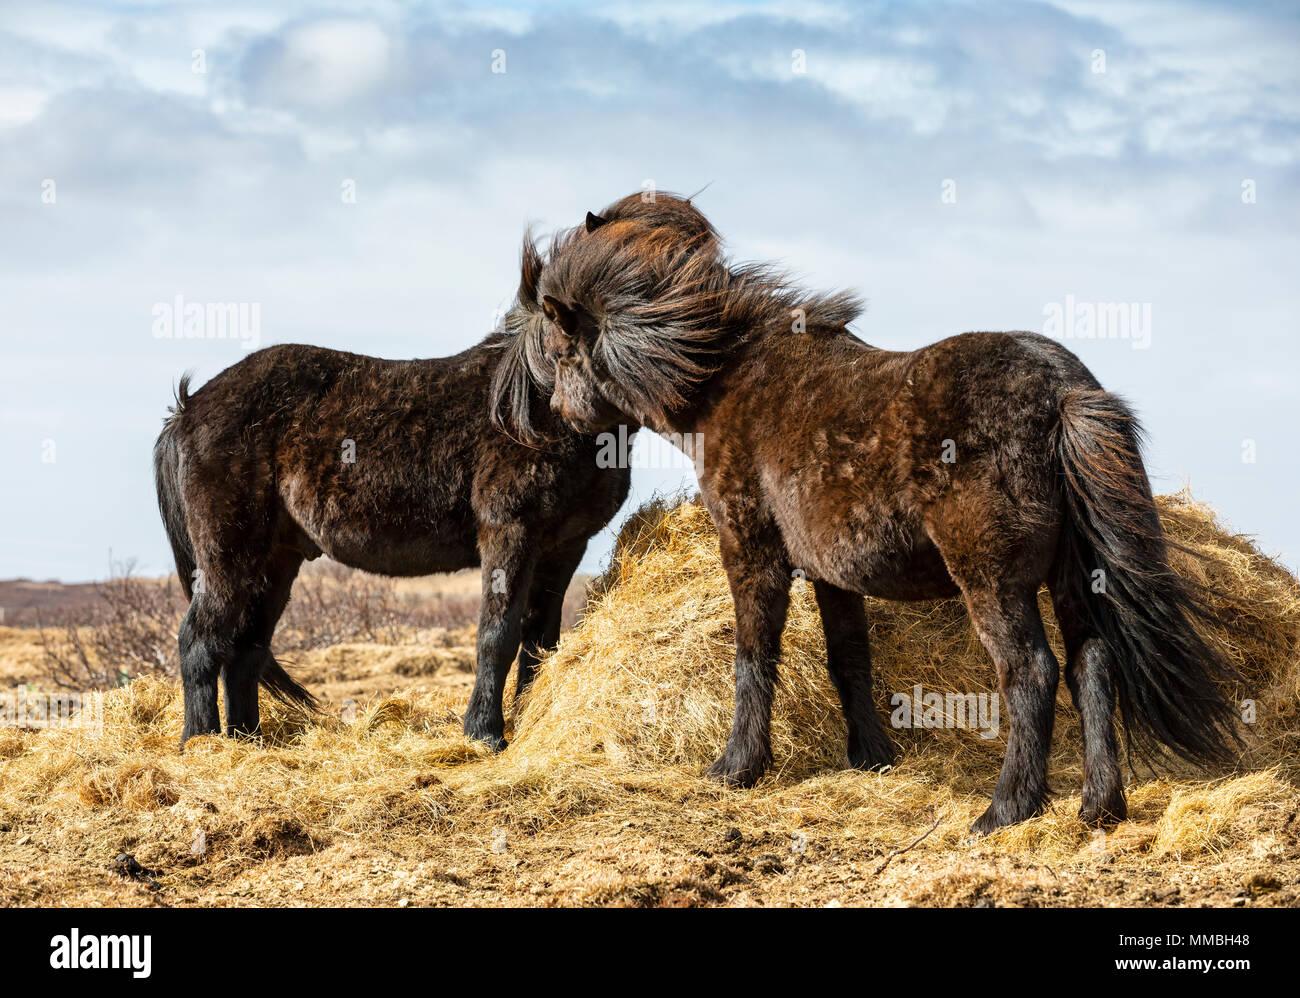 Two horses, Iceland - Stock Image